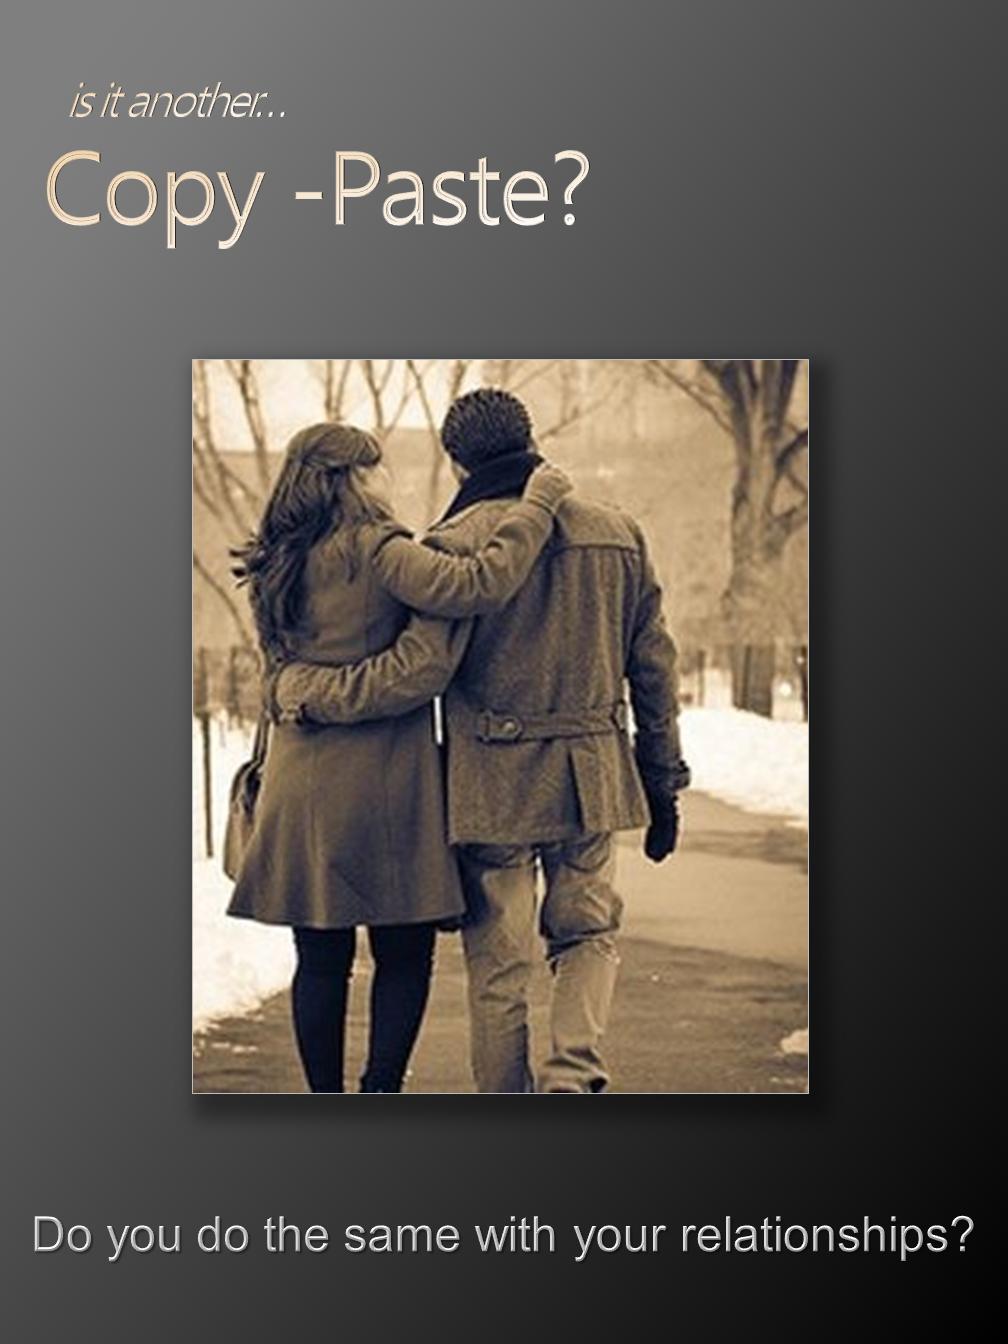 Copy-Paste?